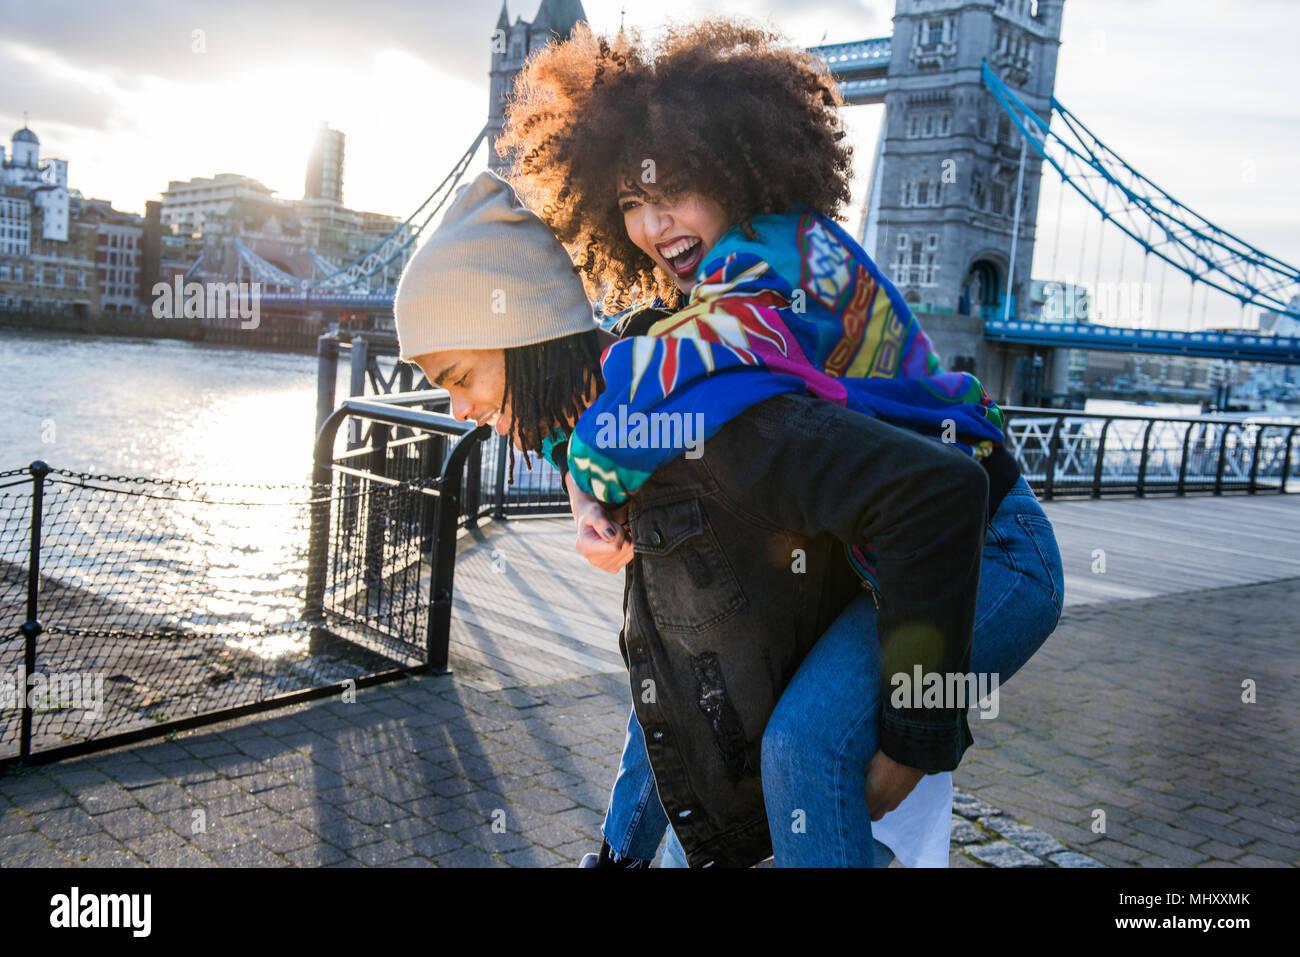 Giovani dando giovane donna sovrapponibile all'aperto, Tower Bridge in background, London, England, Regno Unito Immagini Stock